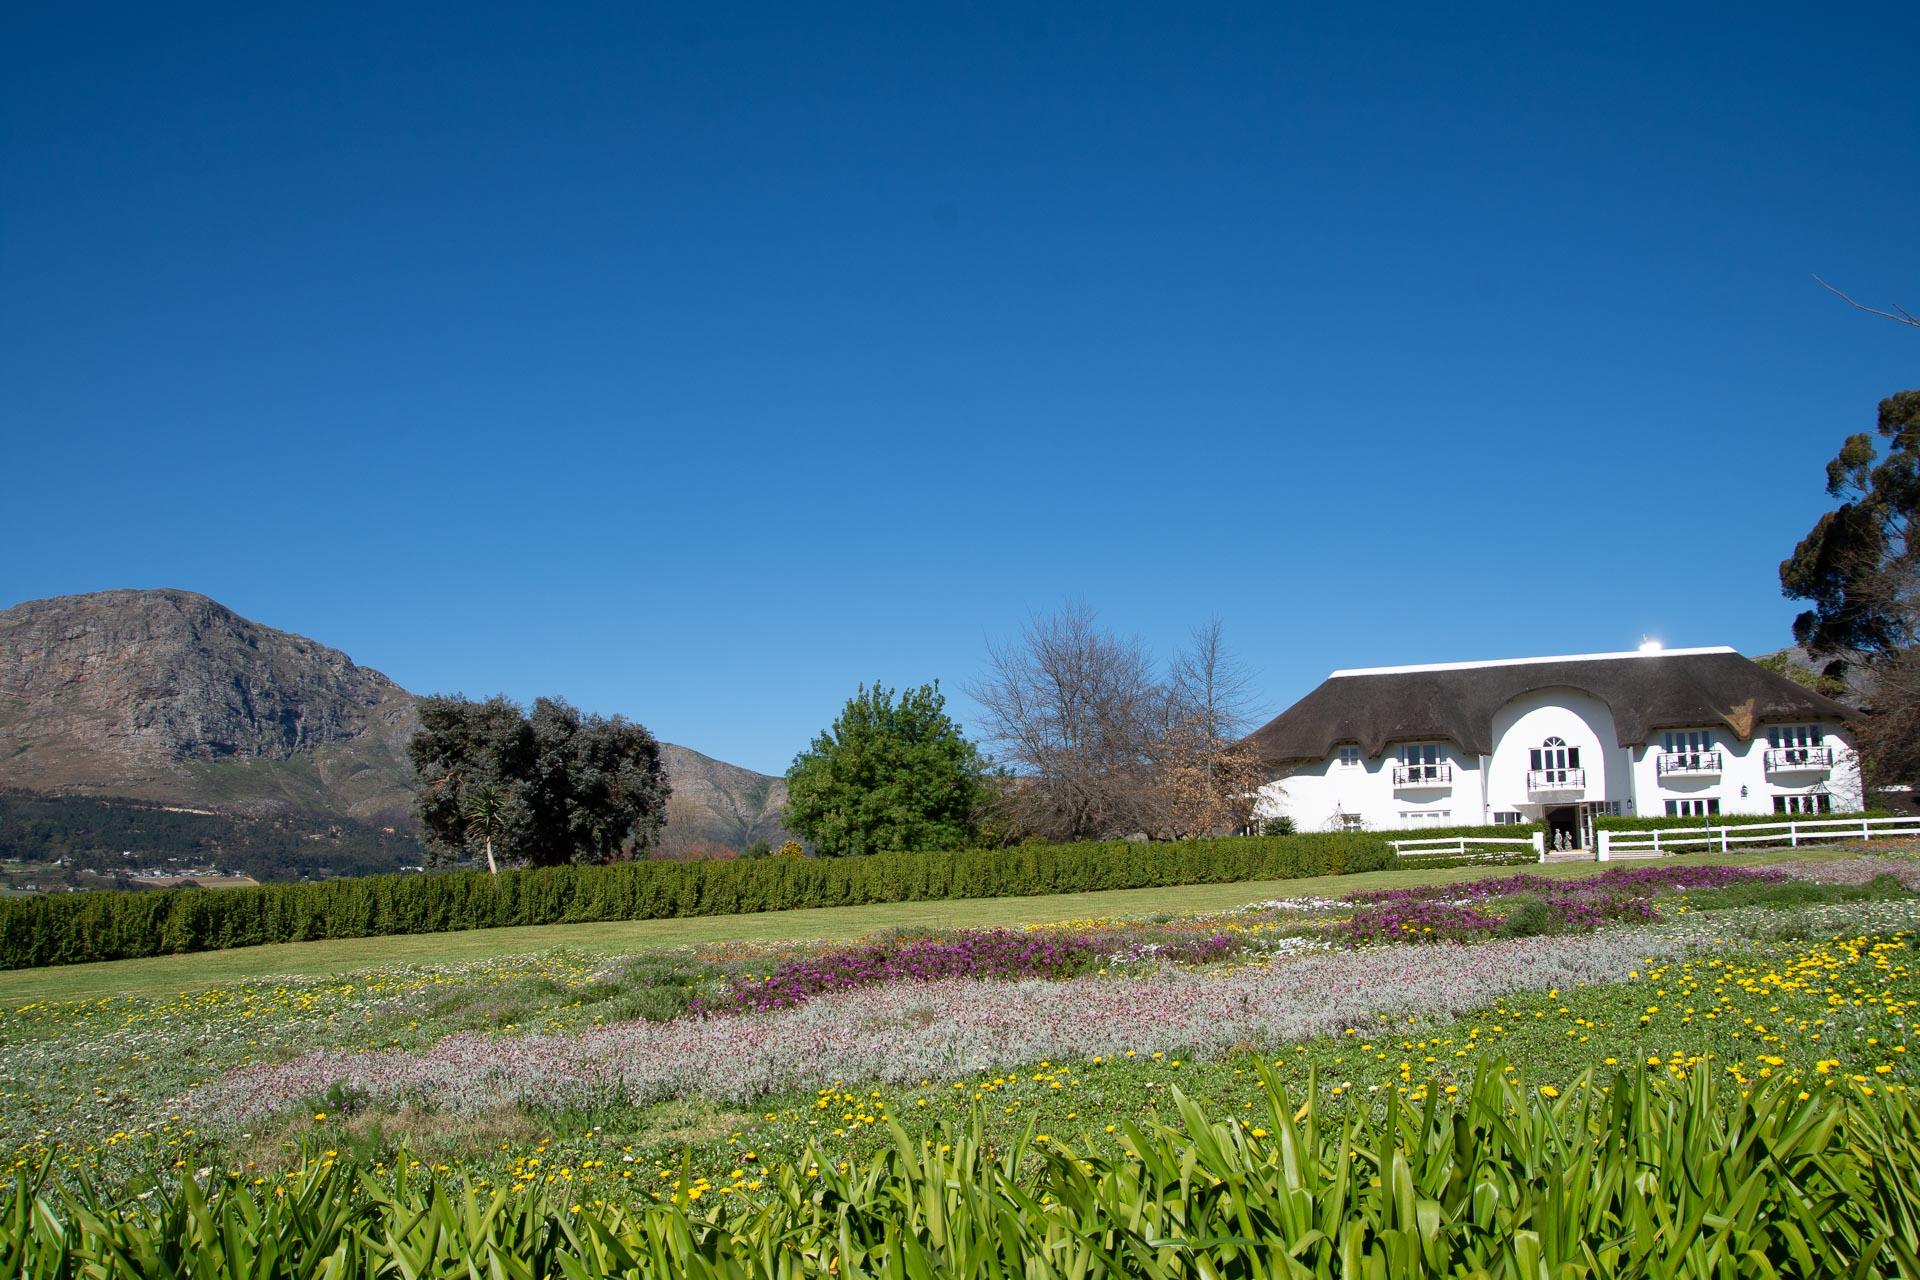 Winelands-Suedafrika-Globetrotter-Select-4